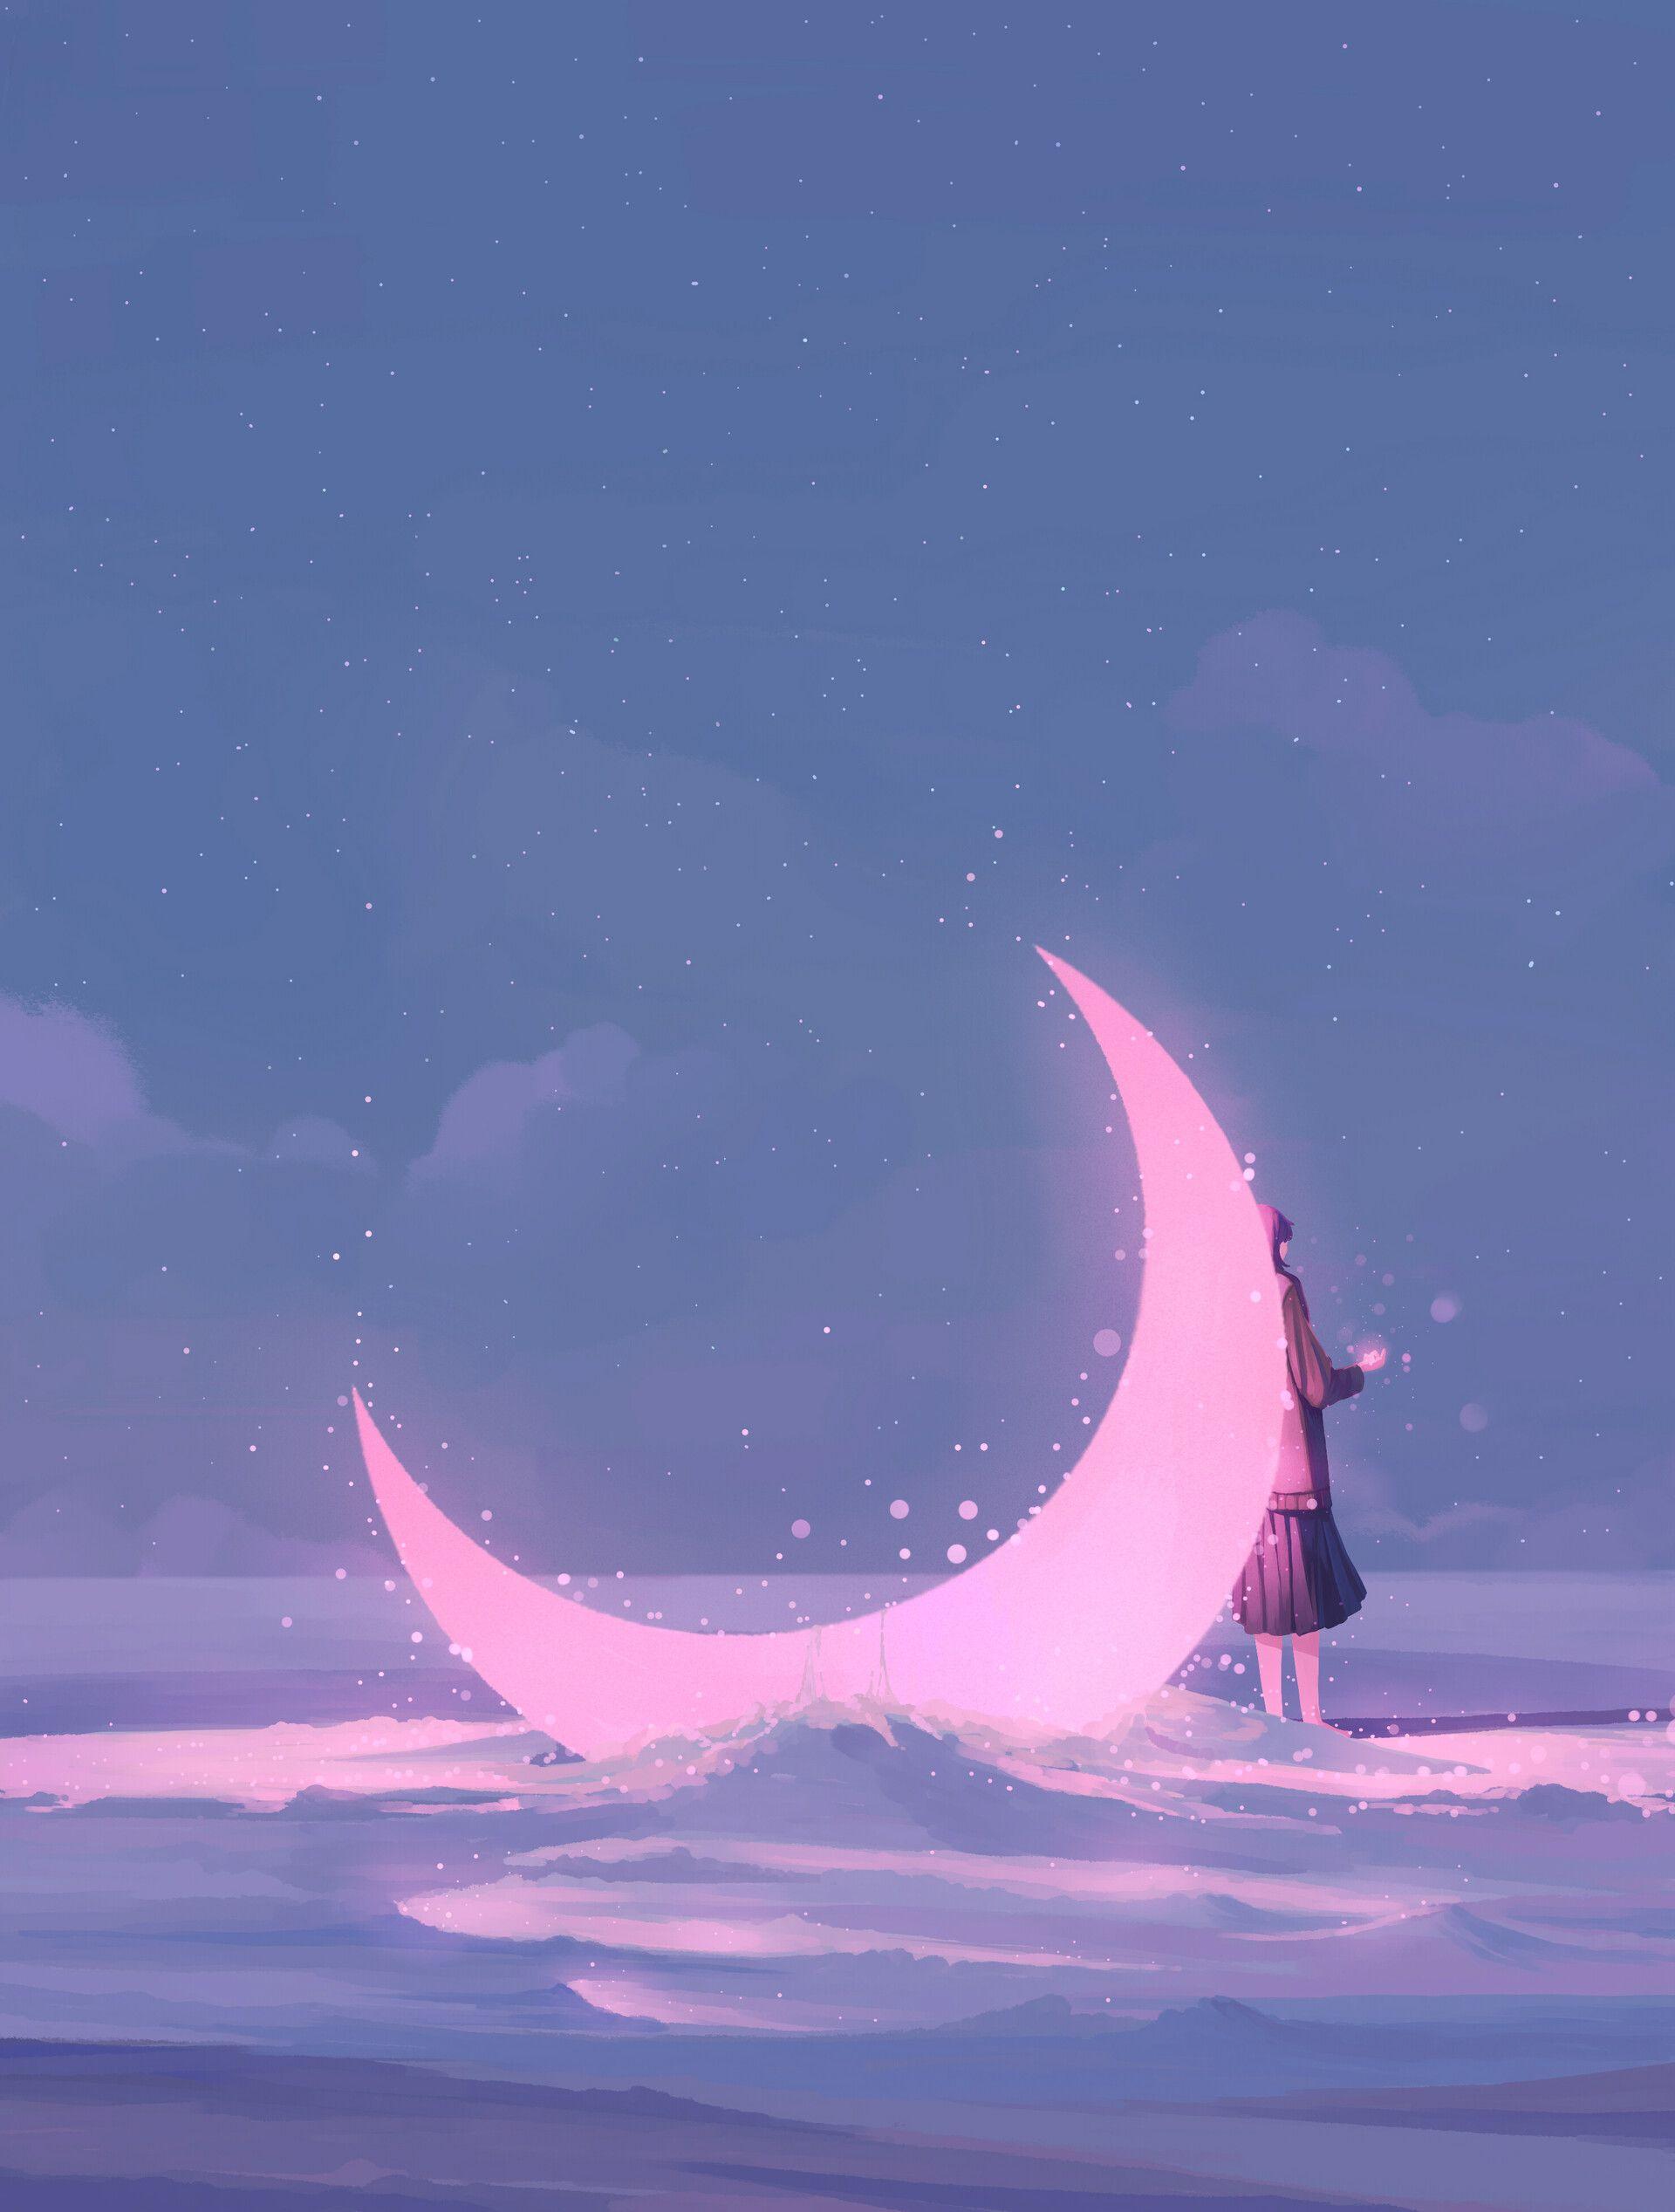 月亮星星你可爱的心, MORNCOLOUR .